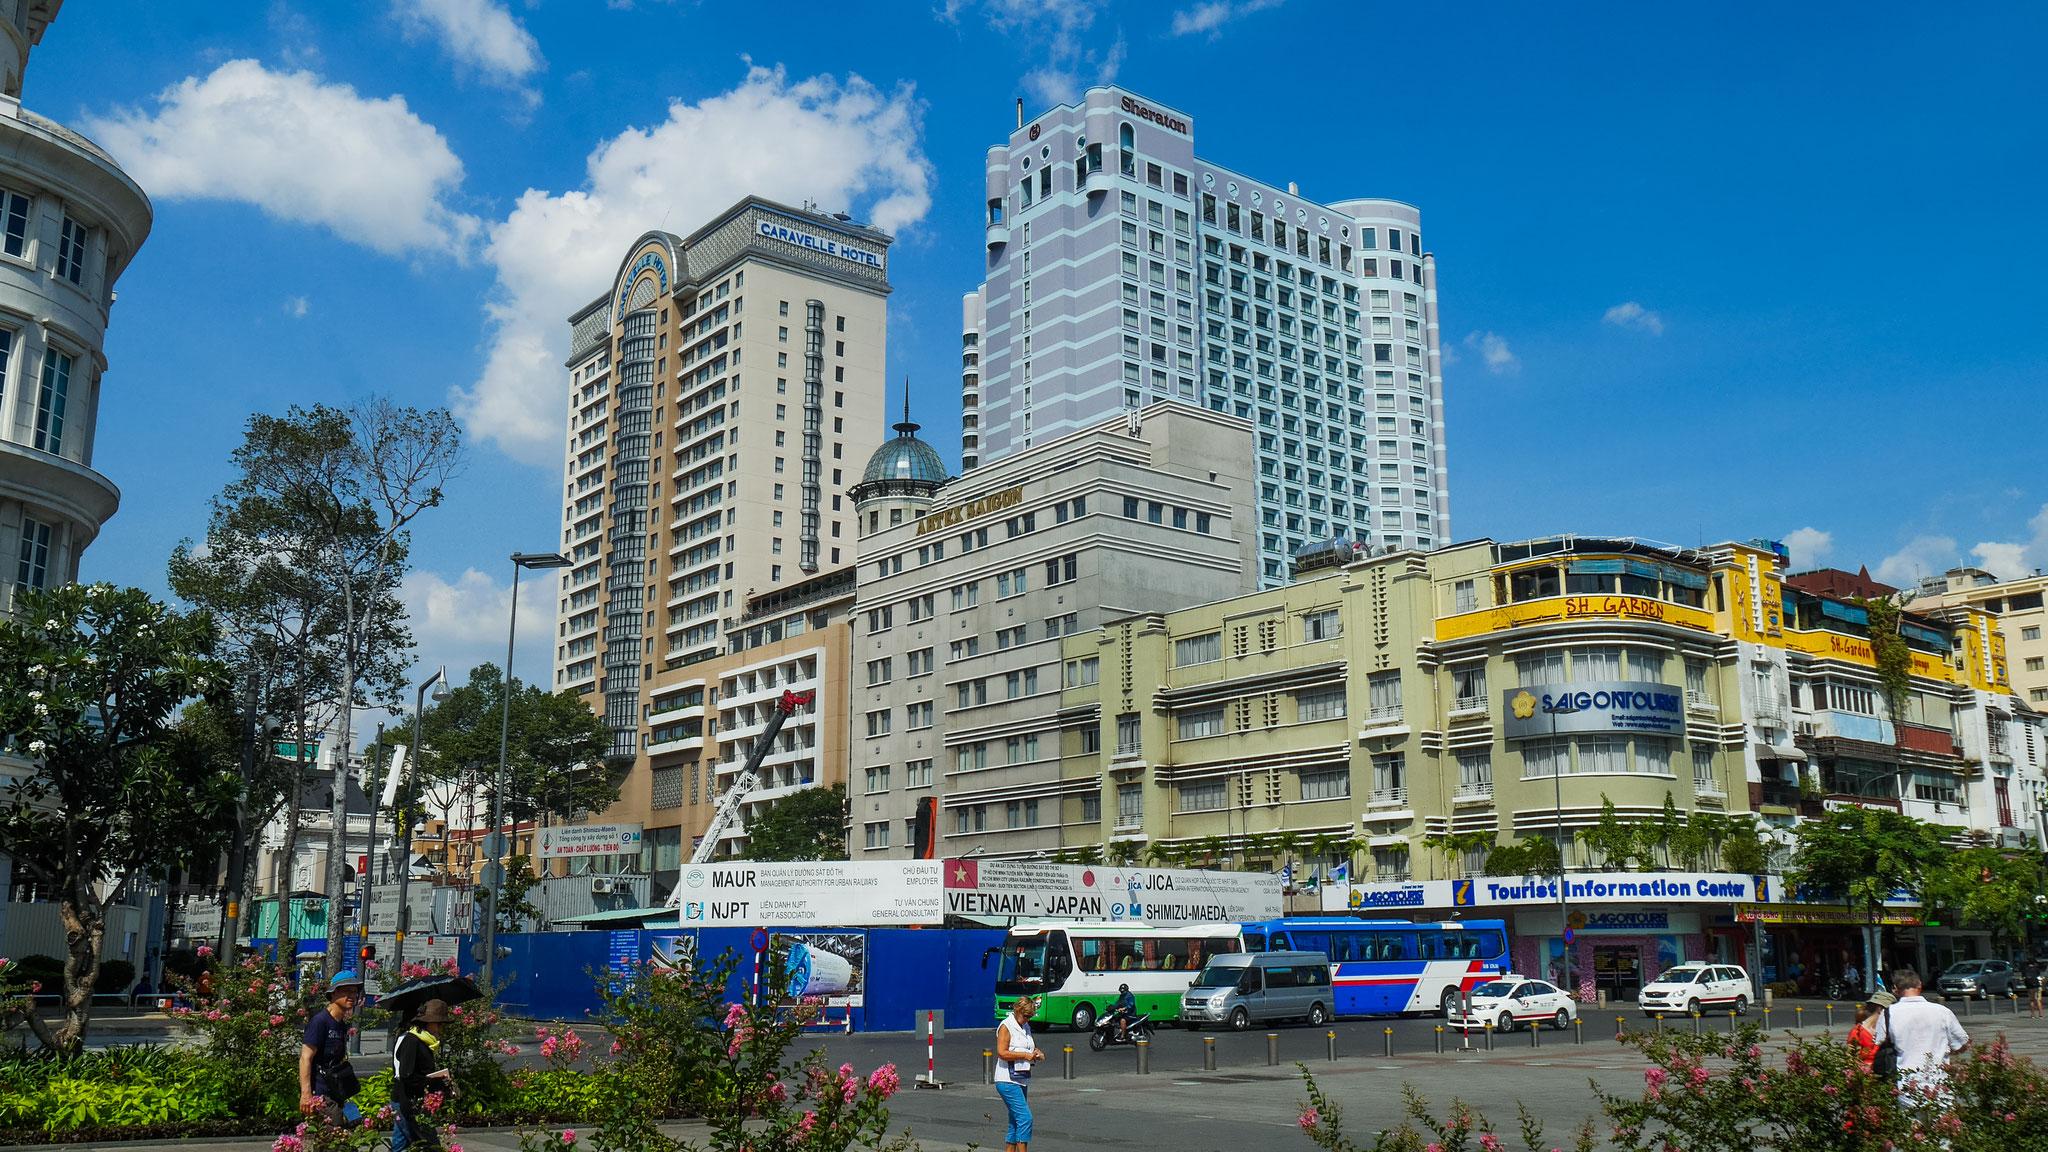 Ho-Chi-Minh-Stadt (Saigon) - in diesen Hotels waren die Stützpunkte der USA während des krieges